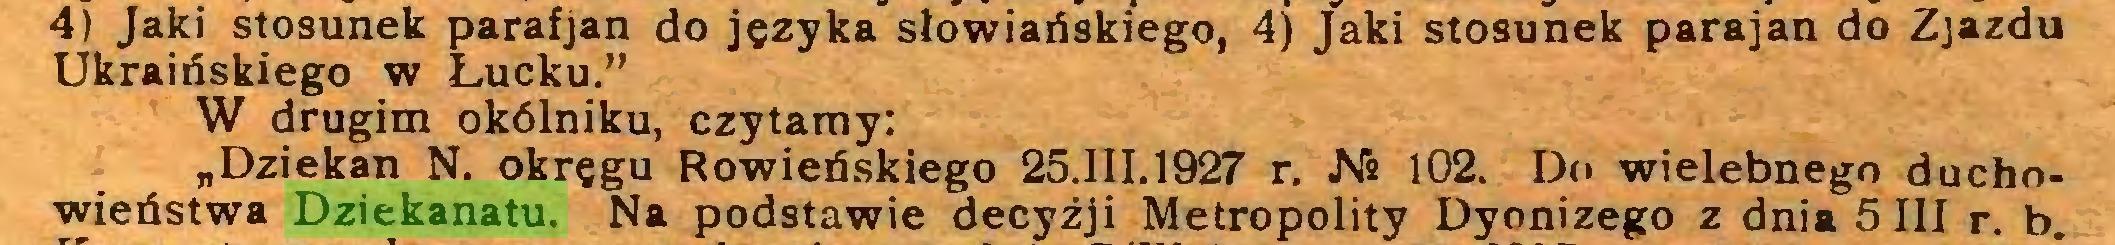 """(...) 4) Jaki stosunek parafjan do języka słowiańskiego, 4) Jaki stosunek parajan do Zjazdu Ukraińskiego w Łucku."""" W drugim okólniku, czytamy: """"Dziekan N. okręgu Rówieńskiego 25.III.1927 r. Ni 102. Do wielebnego duchowieństwa Dziekanatu. Na podstawie decyzji Metropolity Dyonizego z dnia 5 III r. b..."""